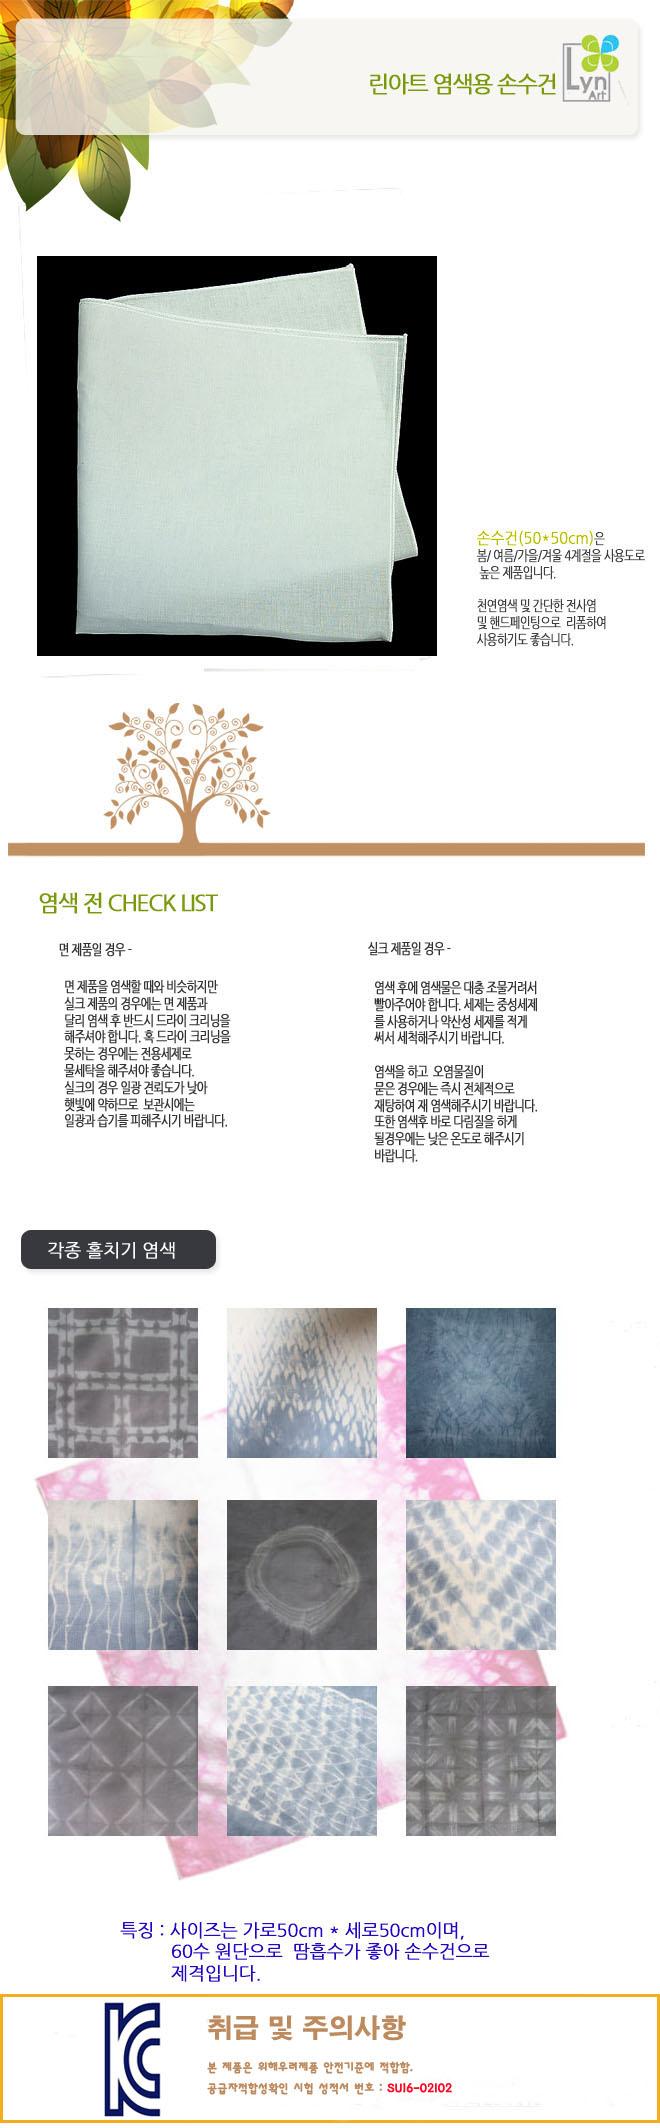 염색용 면손수건 - 린아트, 1,000원, 전통/염색공예, 염색 원단